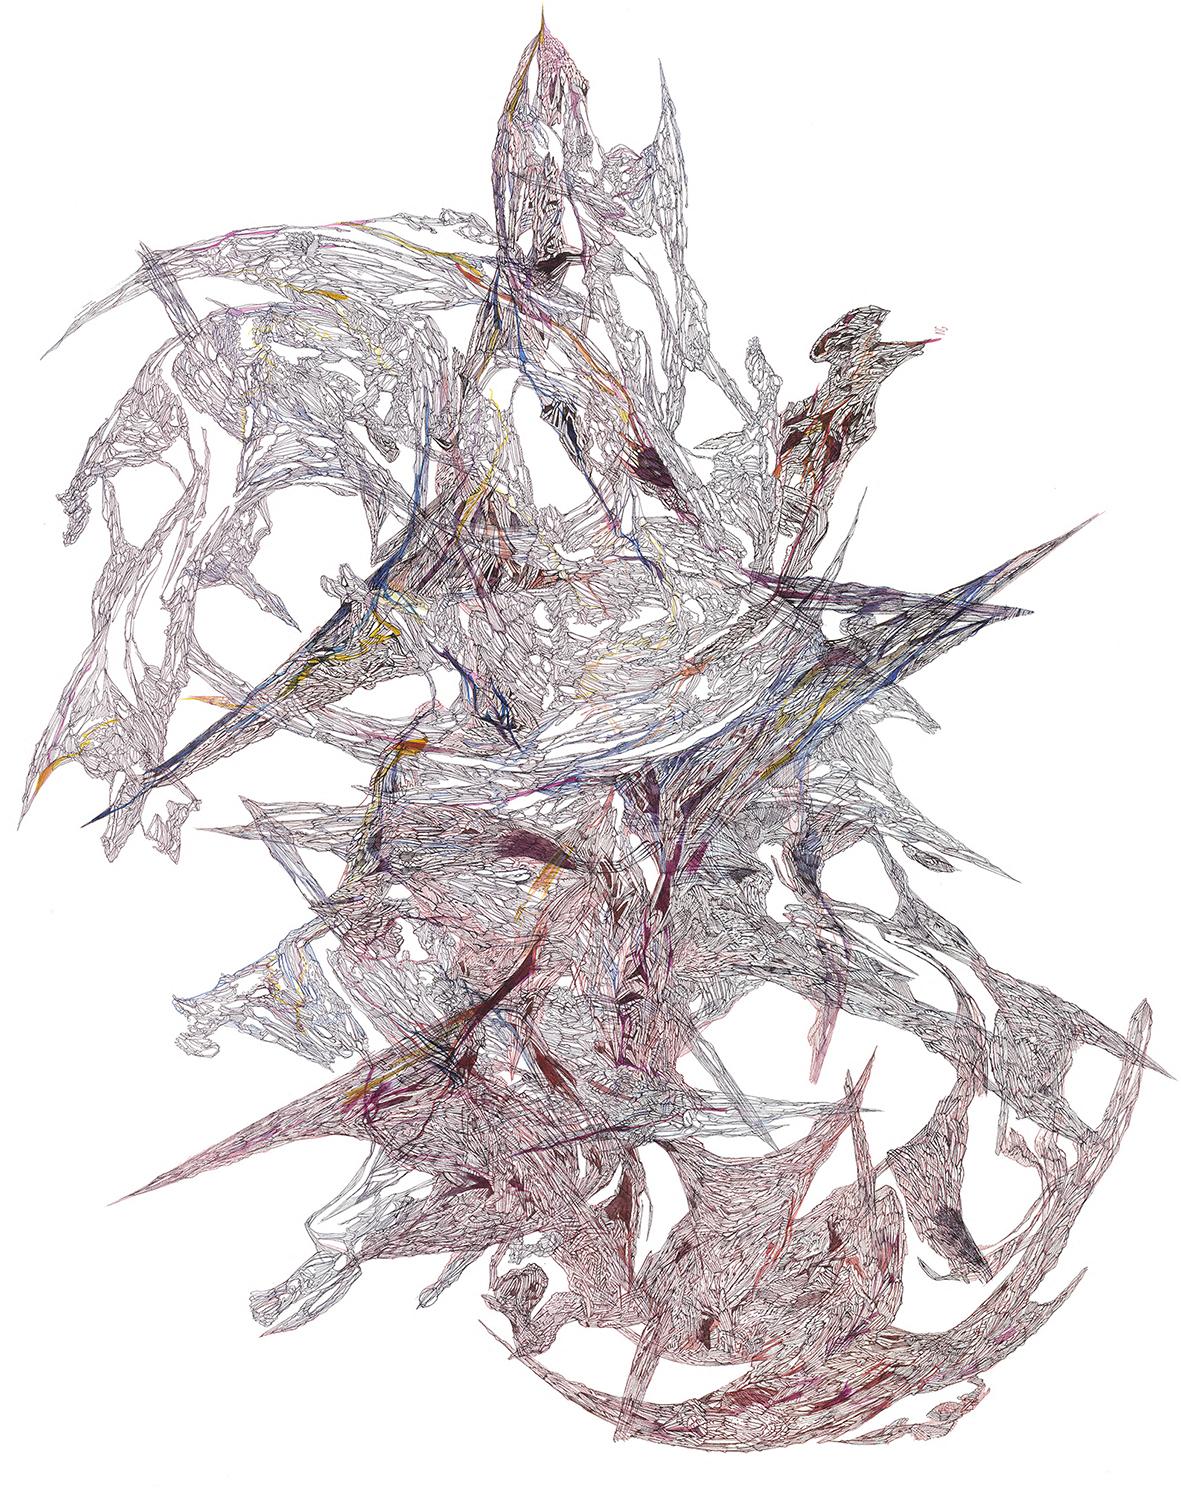 ATELIER n°55-ATELIER SANS TITRE- NICOLAS GUIDI- Animose-encres et aquarelle-76_56 cm-2020